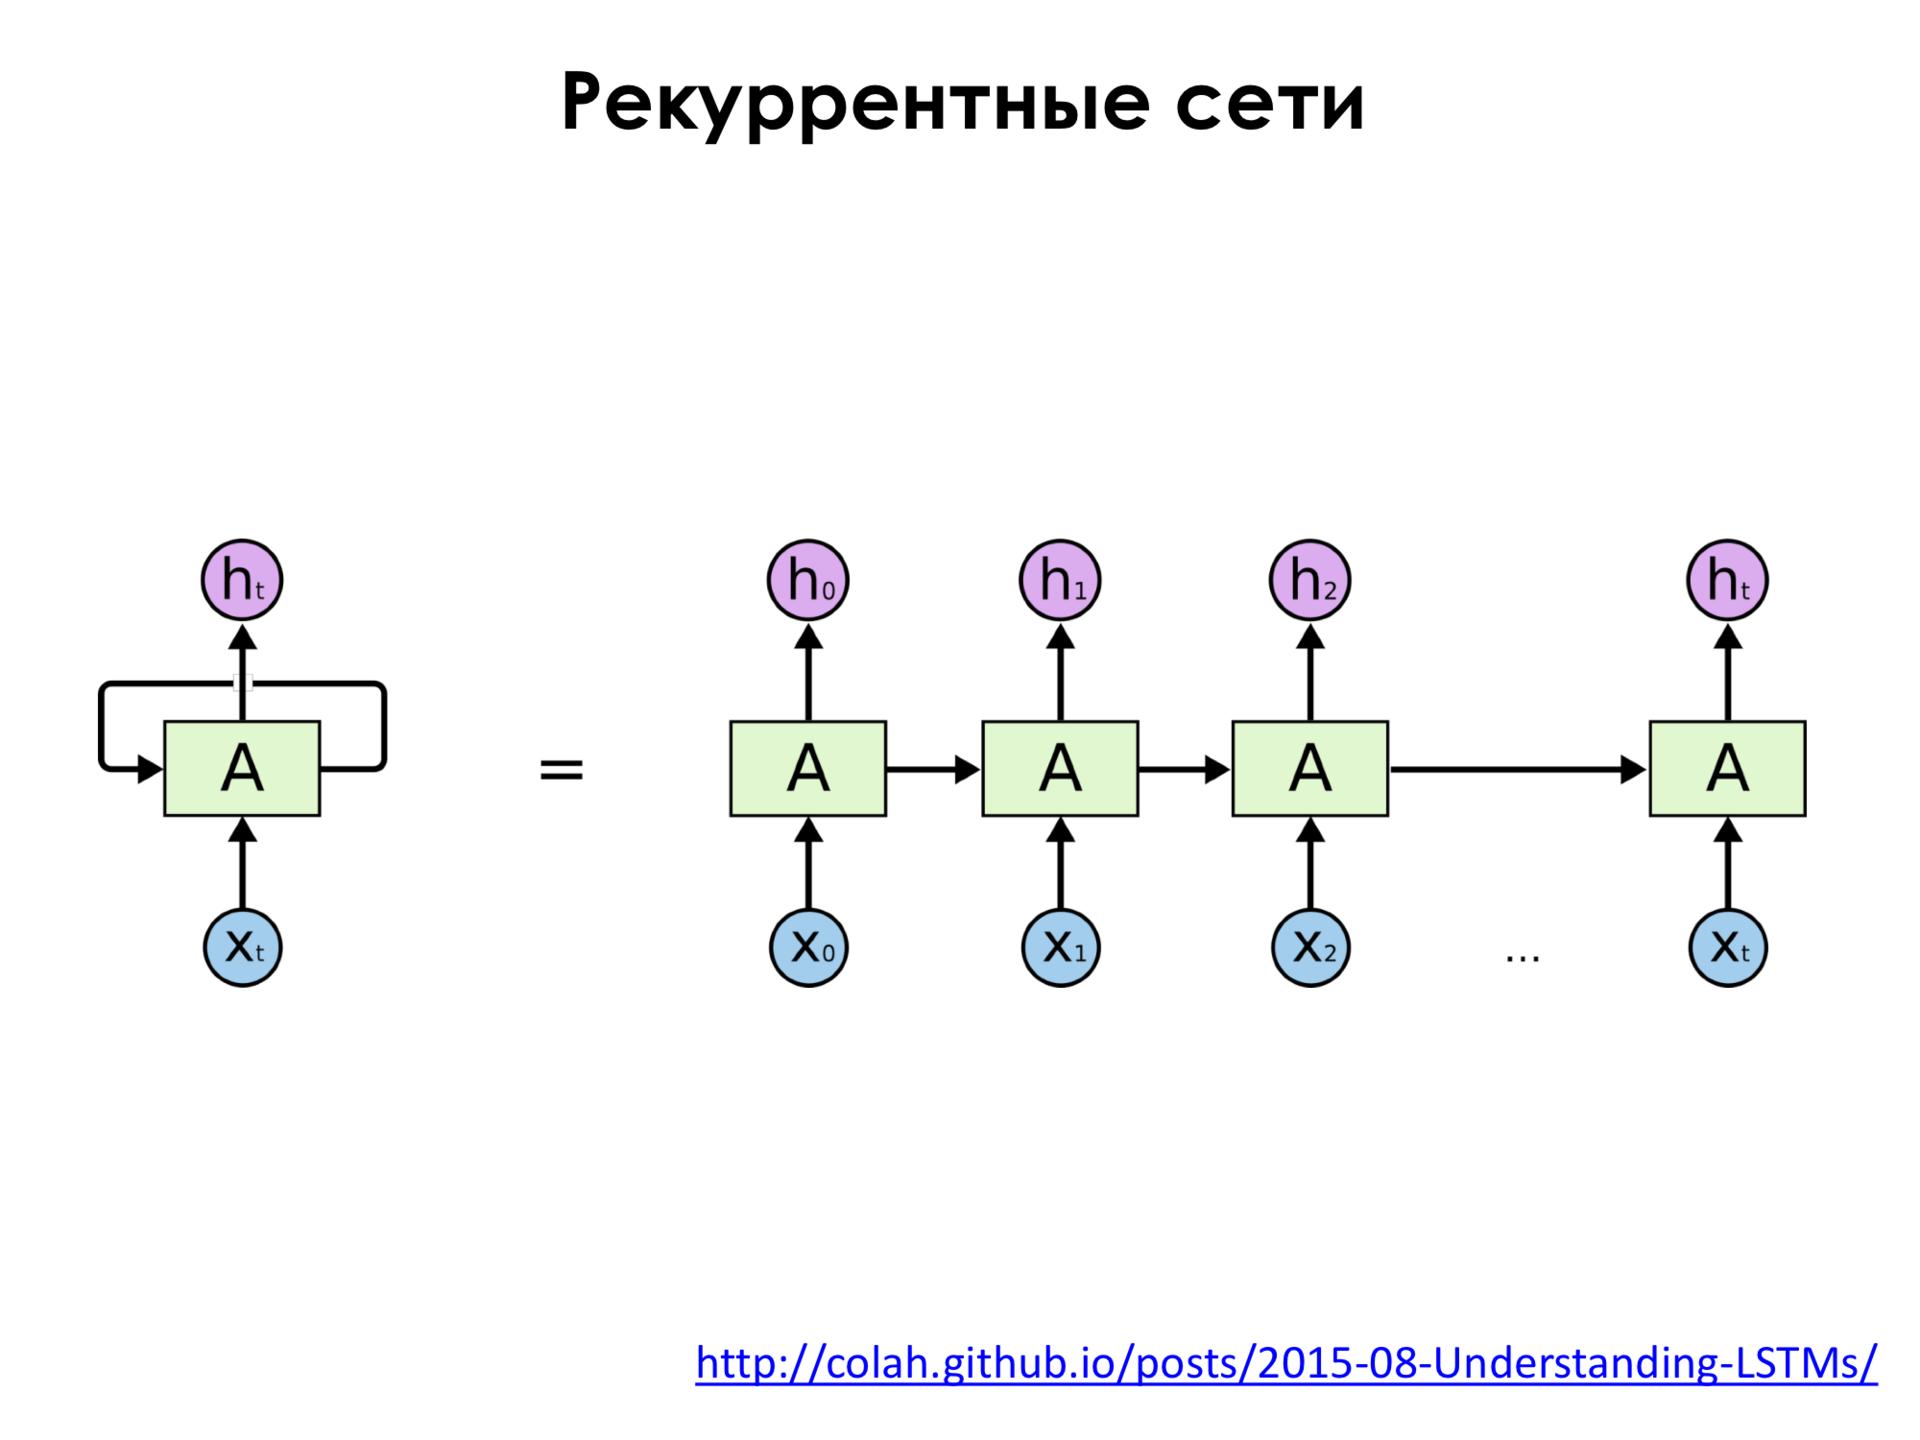 Самое главное о нейронных сетях. Лекция в Яндексе - 30